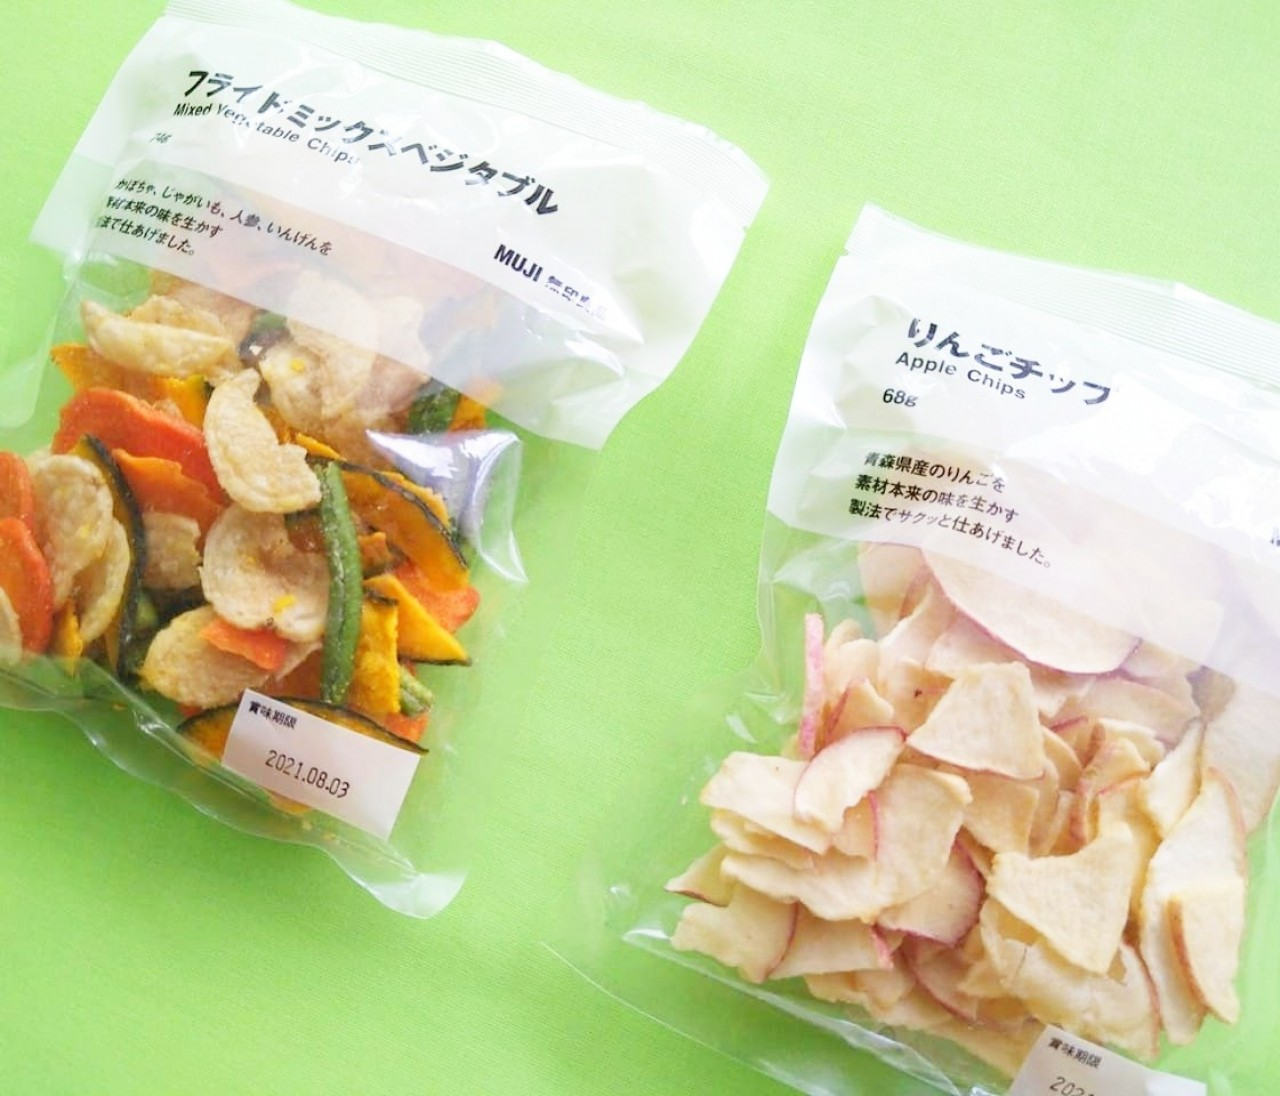 【無印良品】素材を生かしたお菓子、フライドミックスベジタブル&りんごチップが健康的で美味しい!